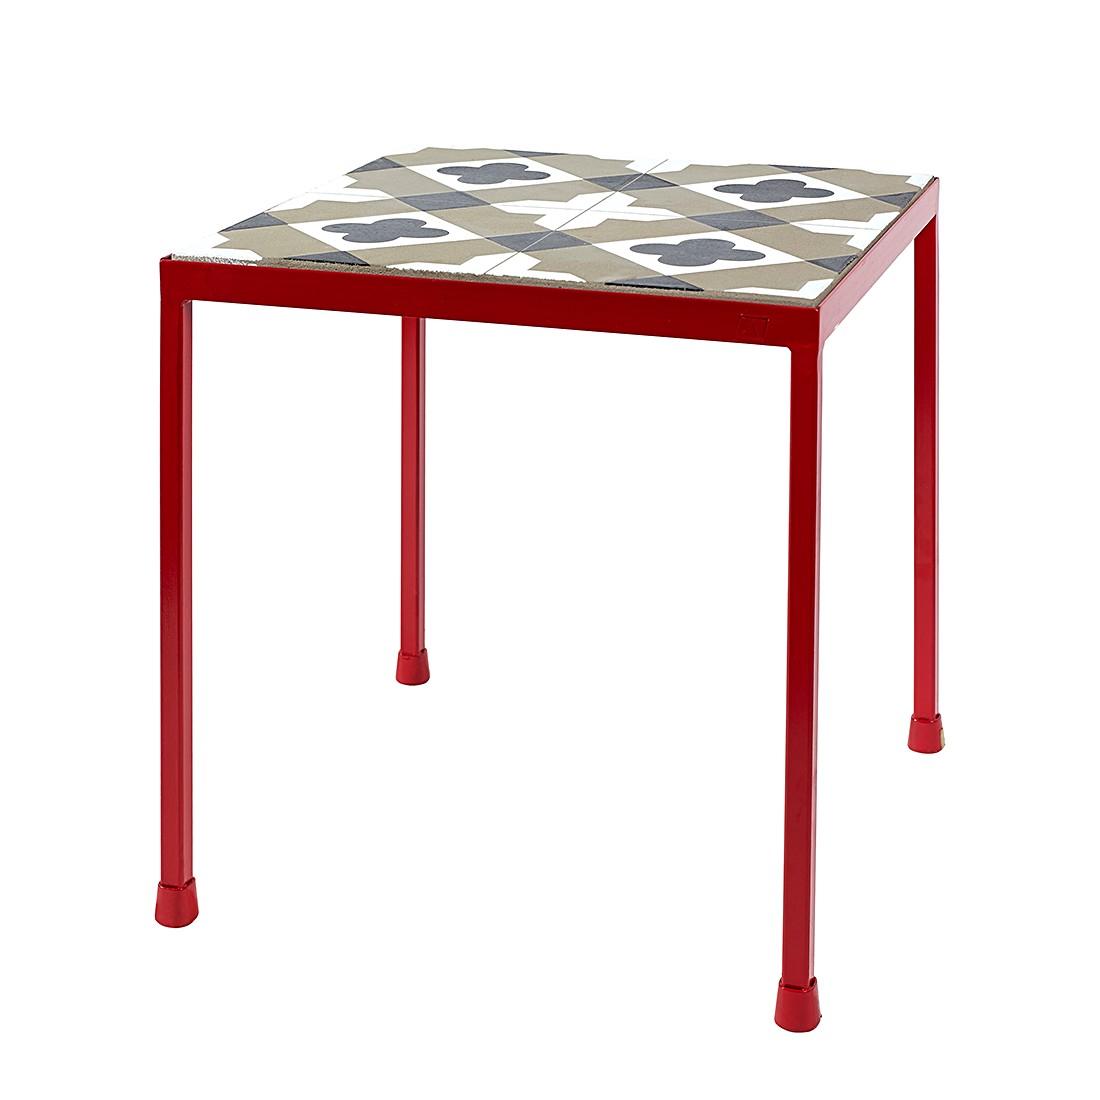 beistelltisch pure beton schwarz wei rot serax g nstig kaufen. Black Bedroom Furniture Sets. Home Design Ideas